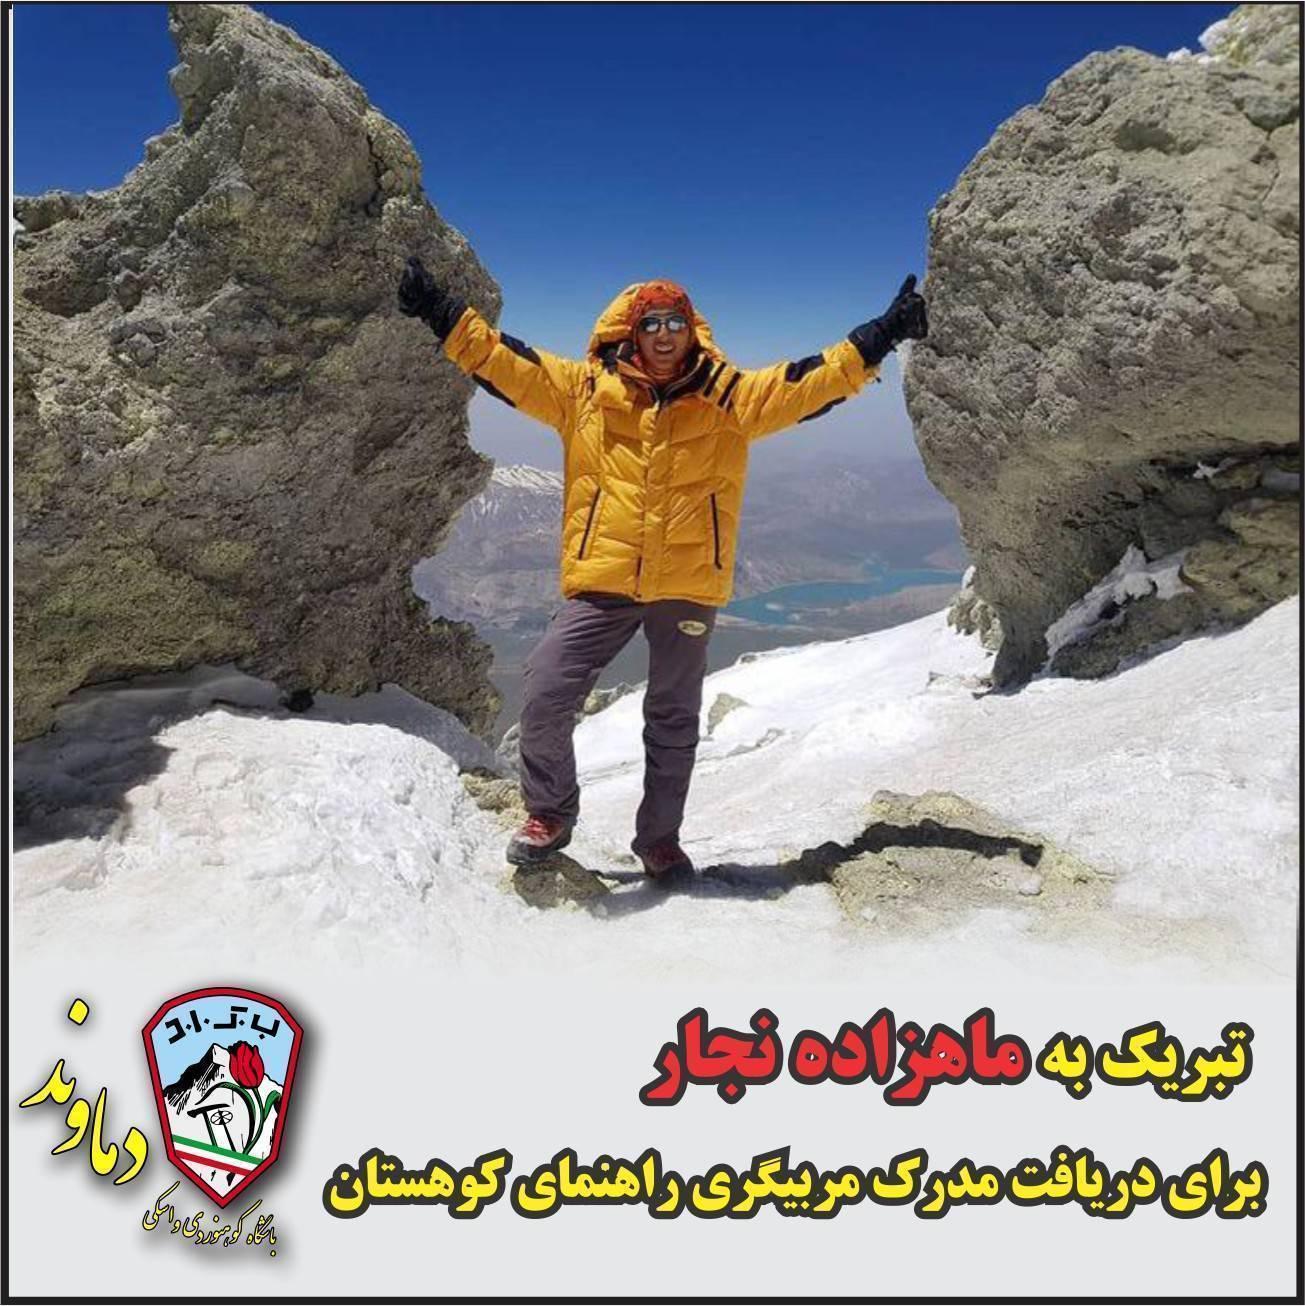 تبریک به خانم ماهزاده نجار برای کسب مدرک مربی راهنمای کوهپیمایی